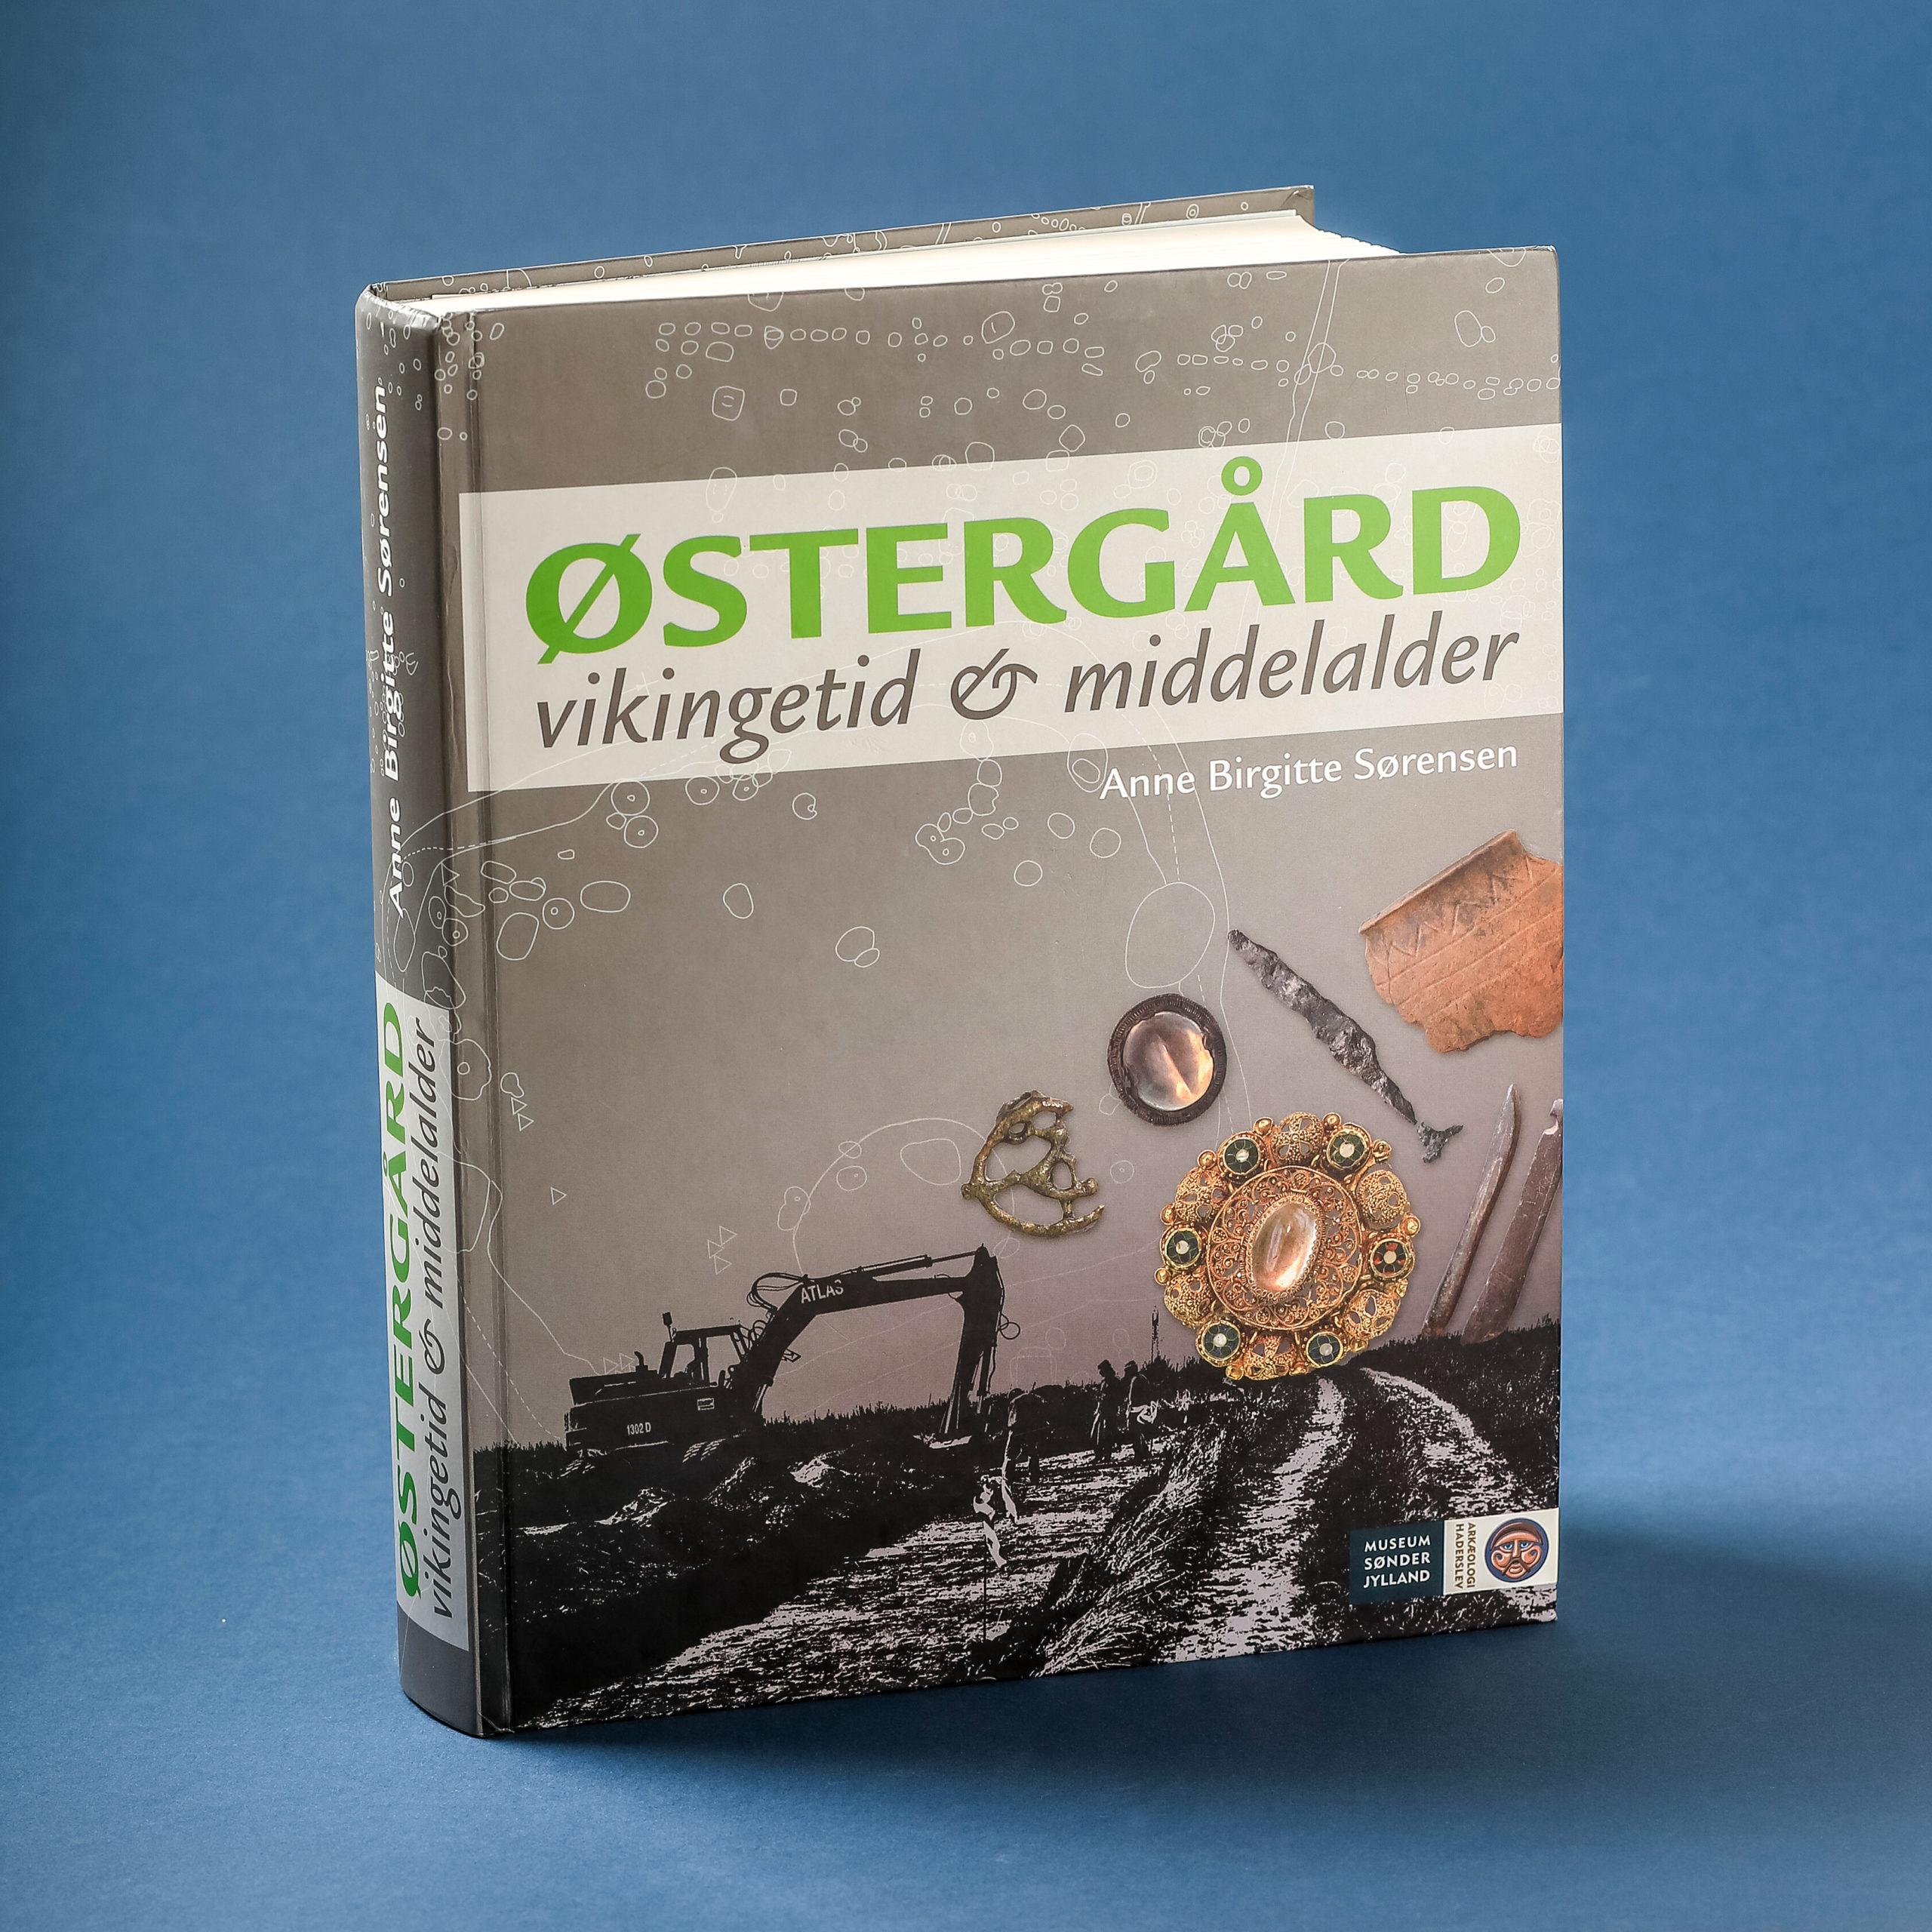 aufmacher_oestergard